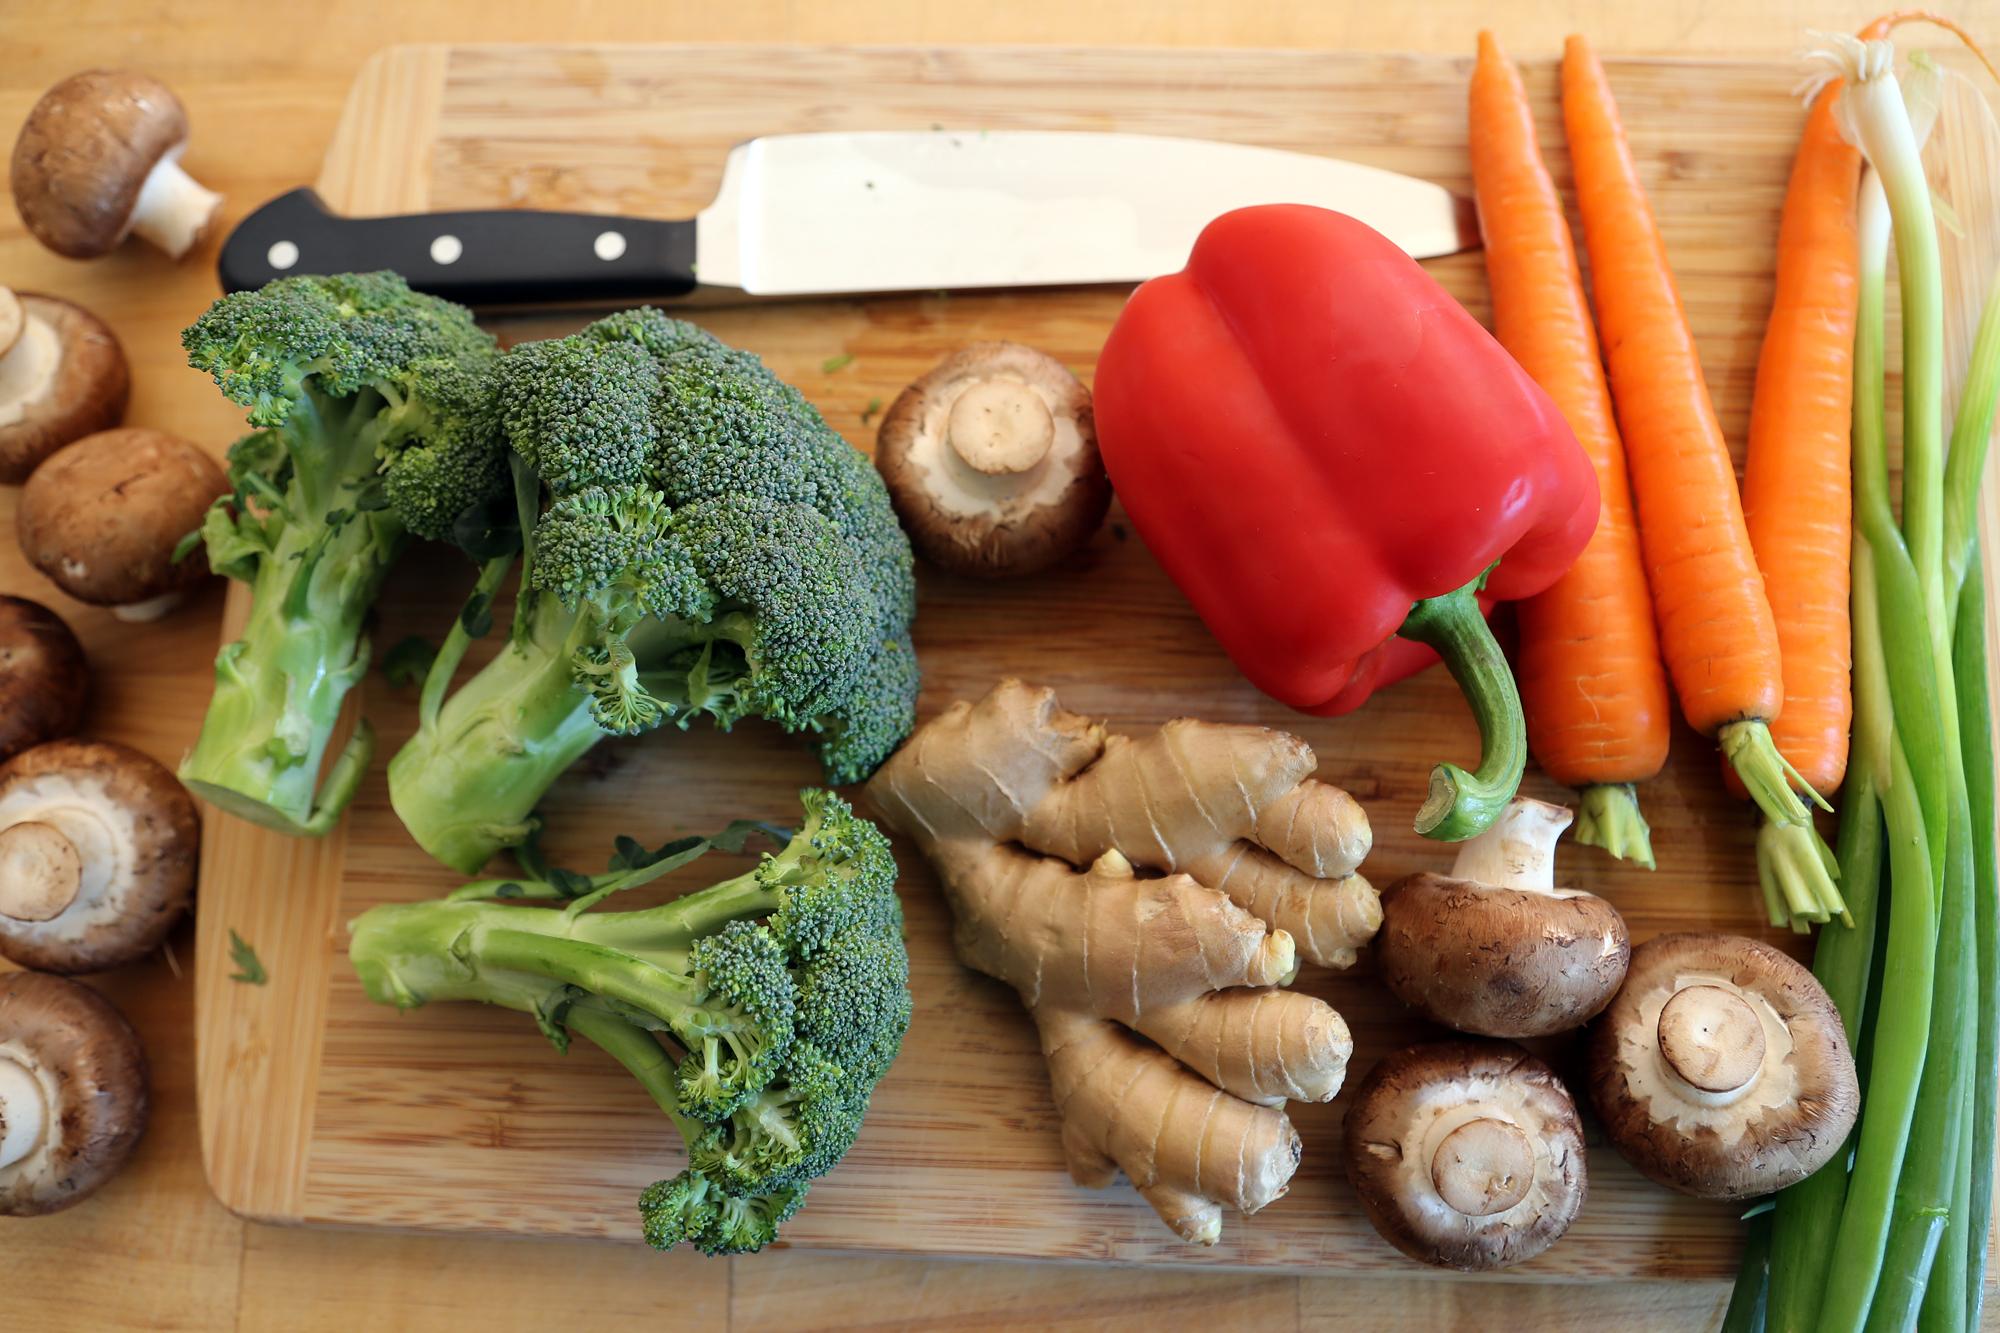 Basic Stir-Fry Ingredients